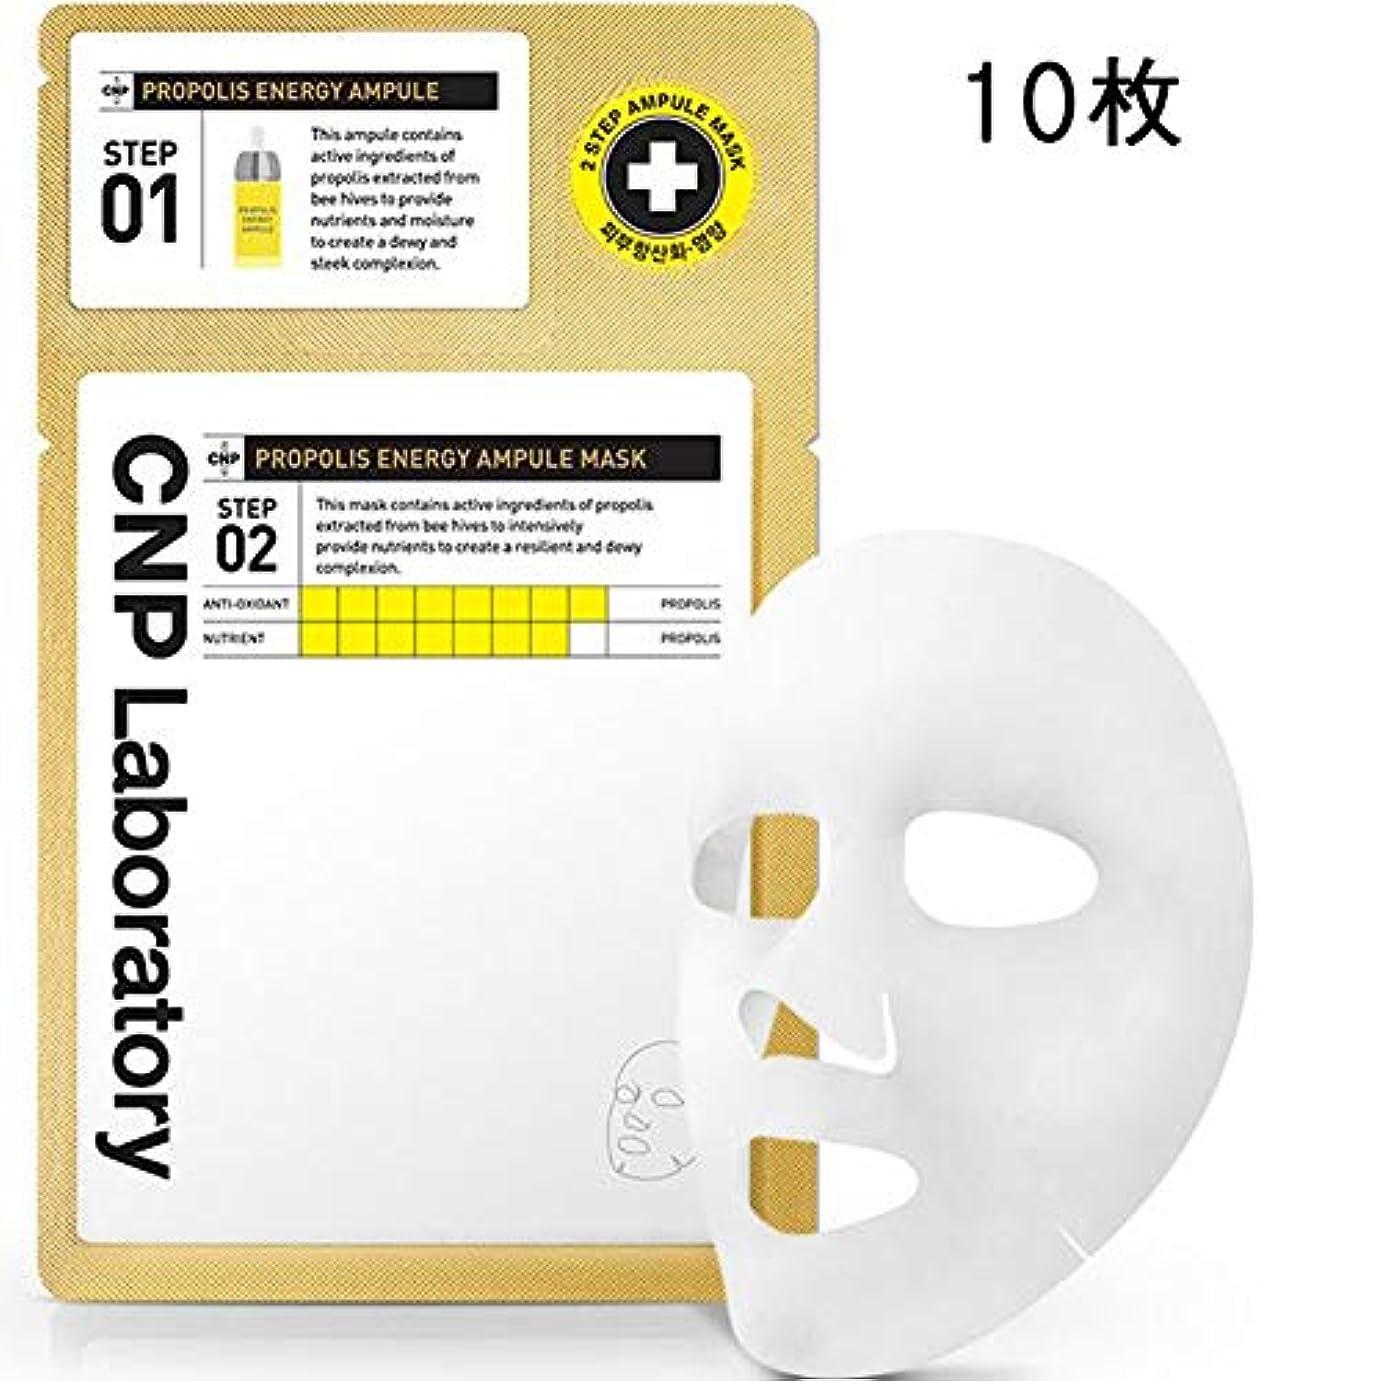 アレルギー黒板形式[CNP]チャ&パクプロポリスエネルギーアンプルマスクパック10枚 (1step 1.5ml + 2step 30ml)[海外直送品][並行輸入品]